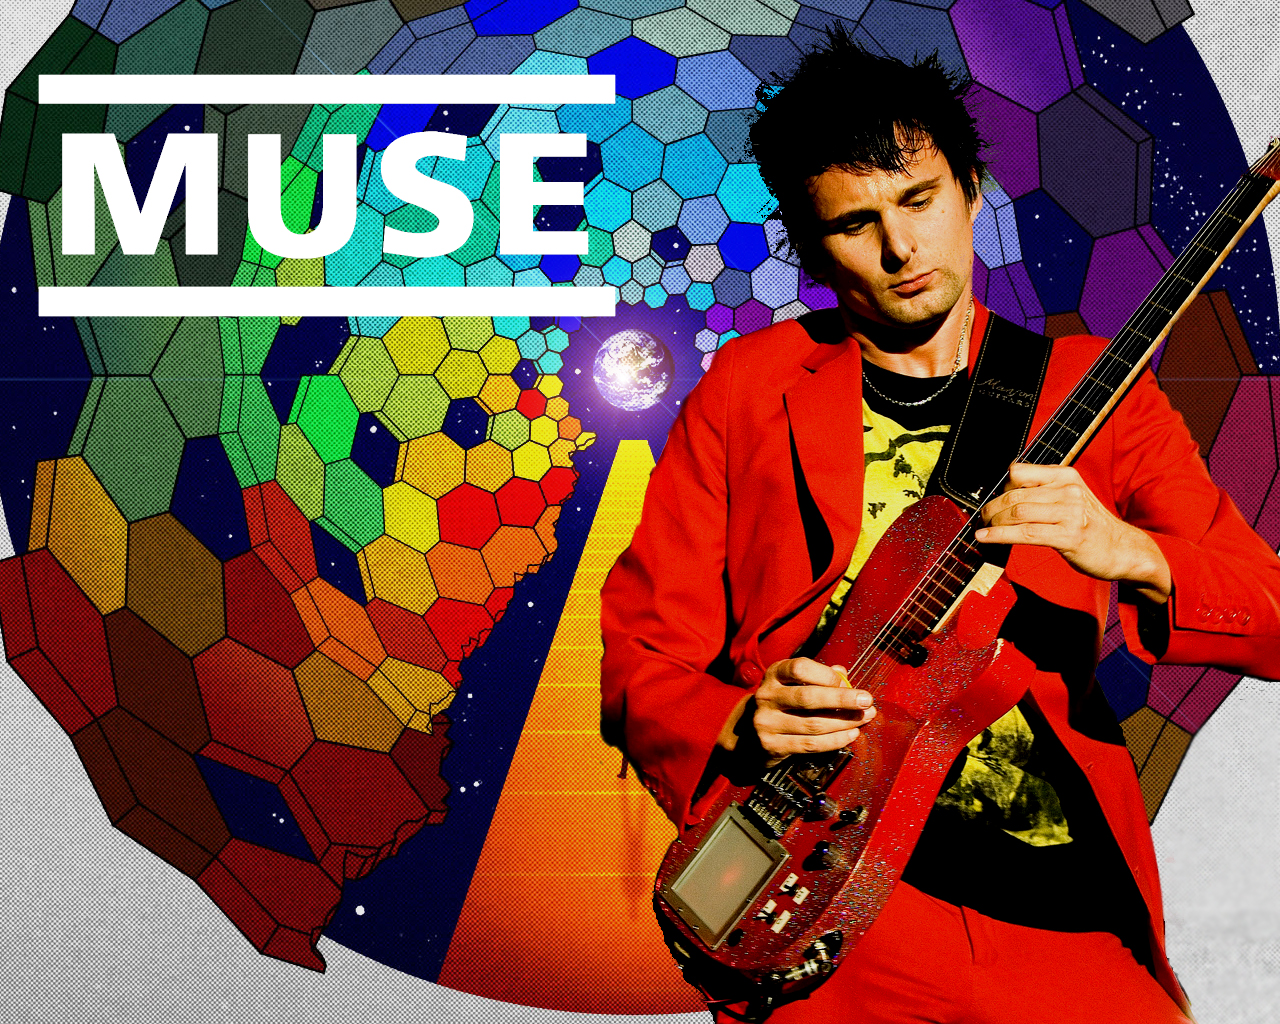 http://3.bp.blogspot.com/_O8HzJrRoms4/TTrZwZhm0UI/AAAAAAAAACI/1ogVM1tNjYc/s1600/Muse_Wallpaper_by_chucky176.jpg